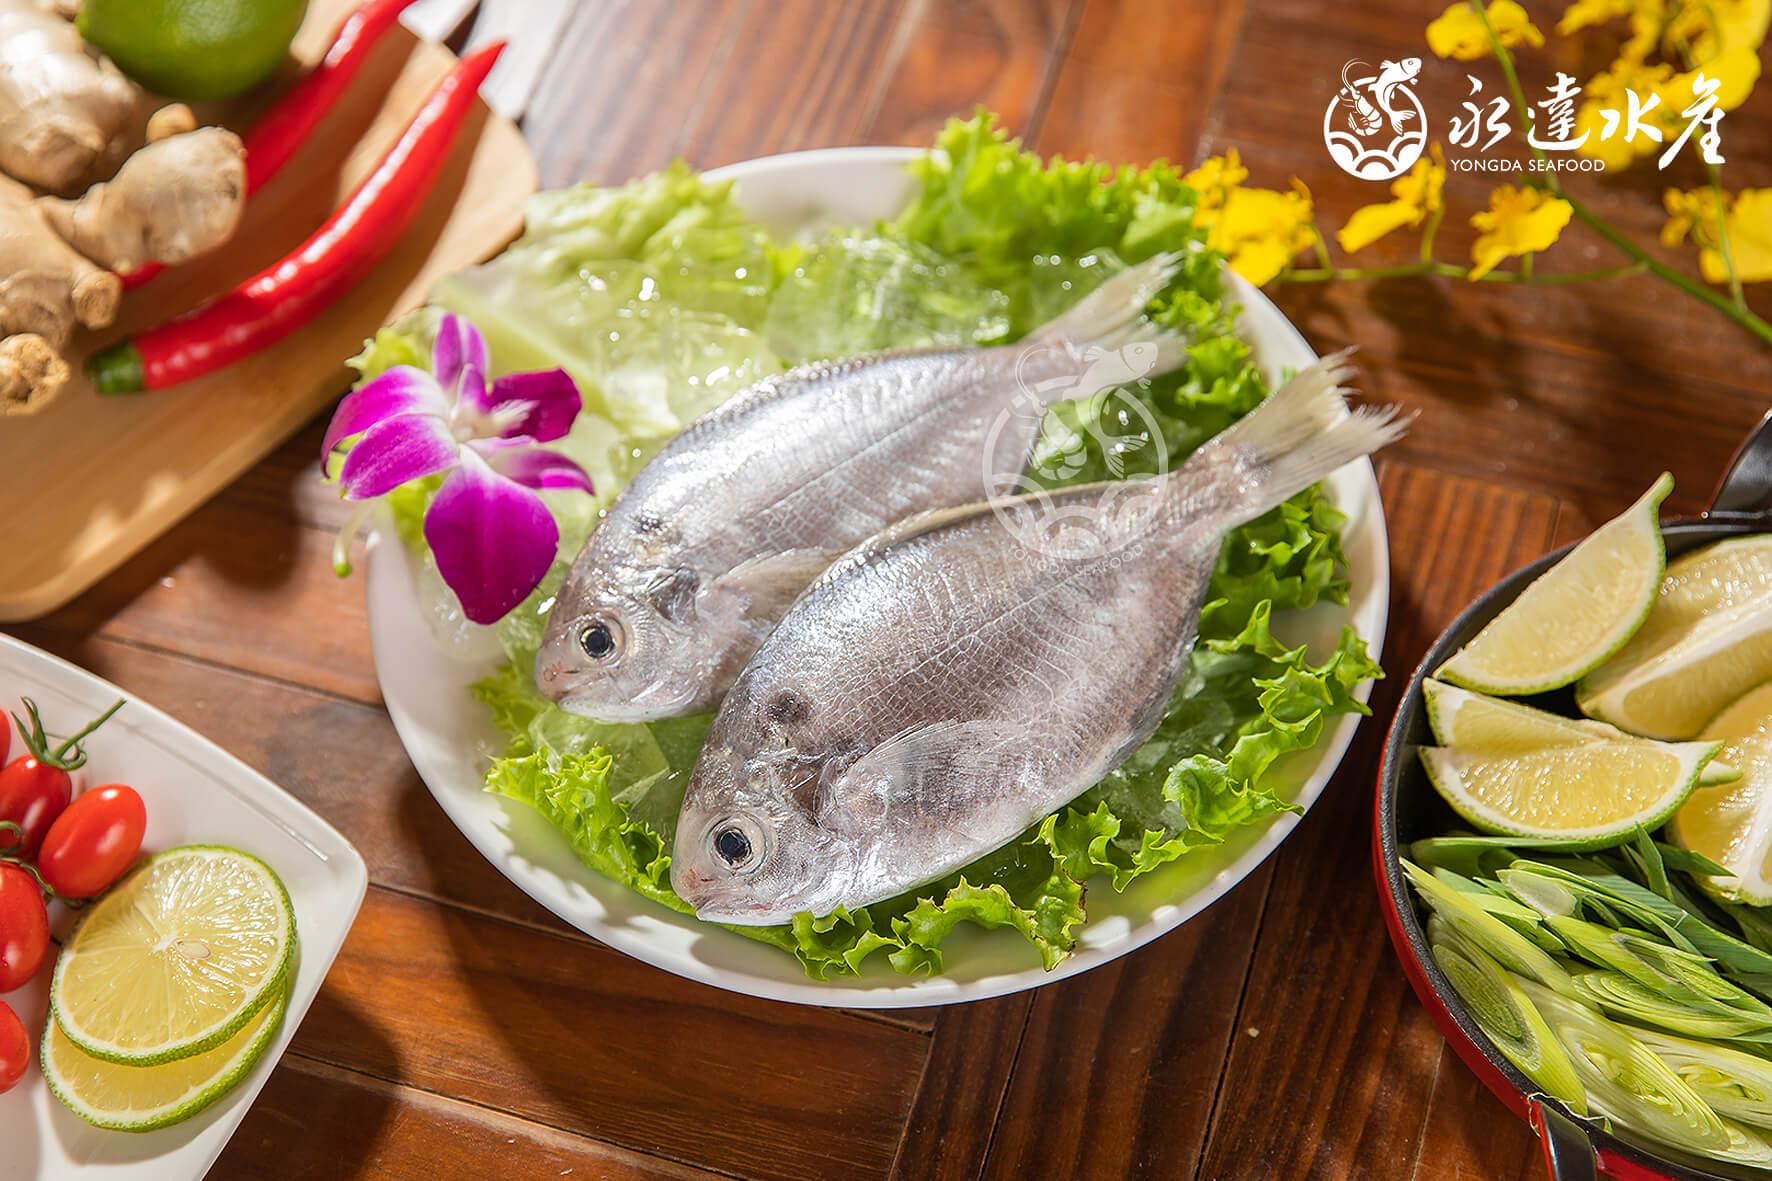 水產|海鮮|鮮凍野生肉魚|生肉魚|野生|魚肉|魚